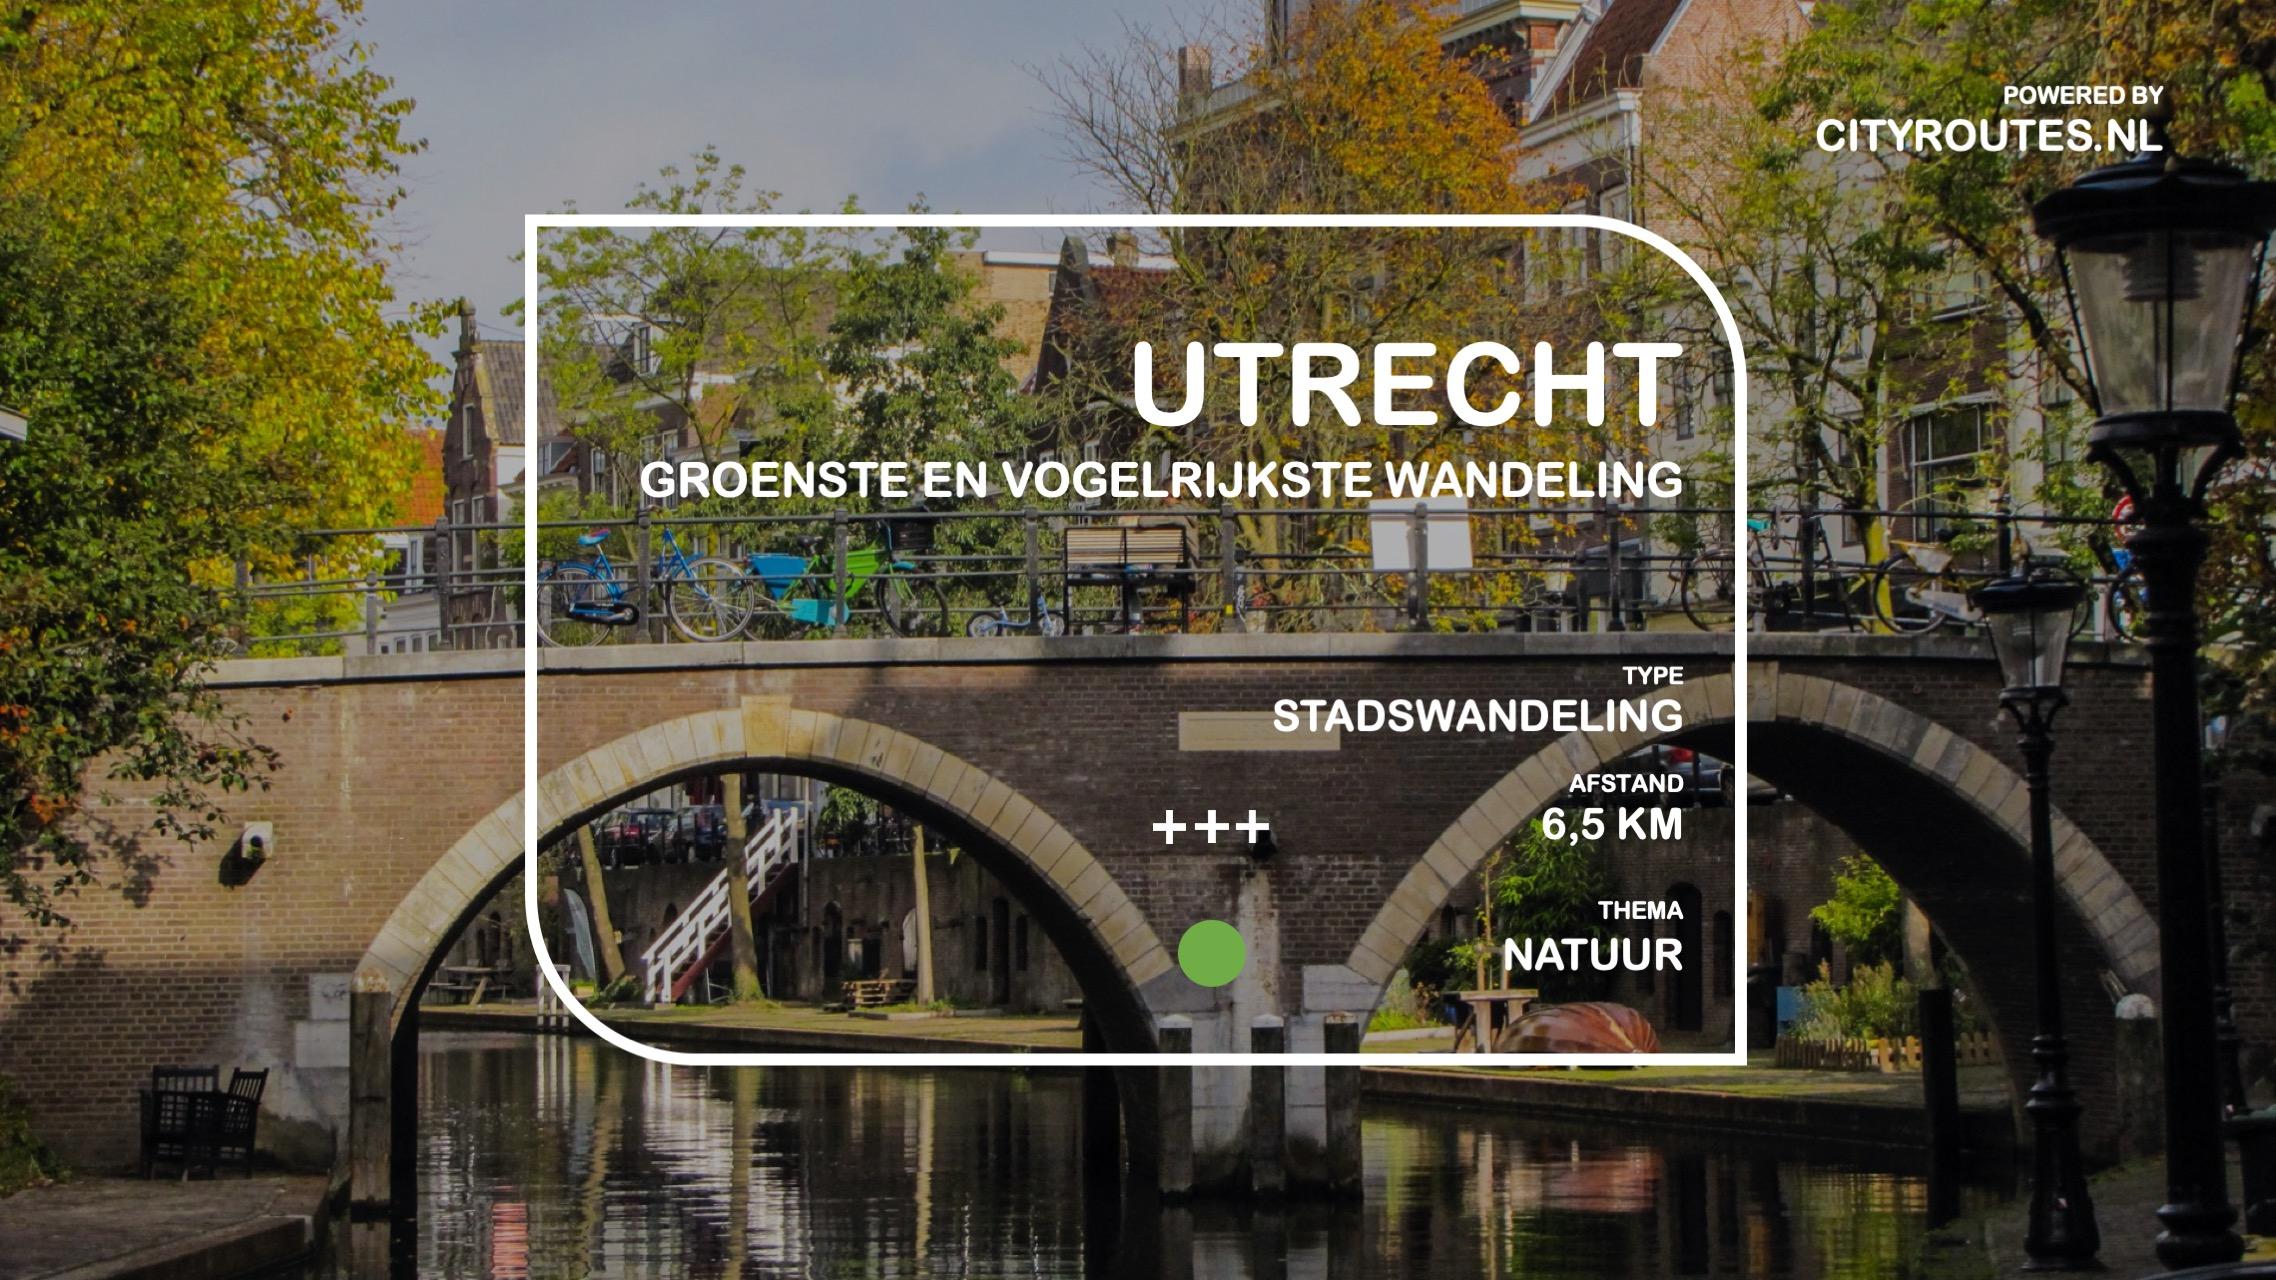 Gratis stadswandeling Utrecht groen en vogelrijk